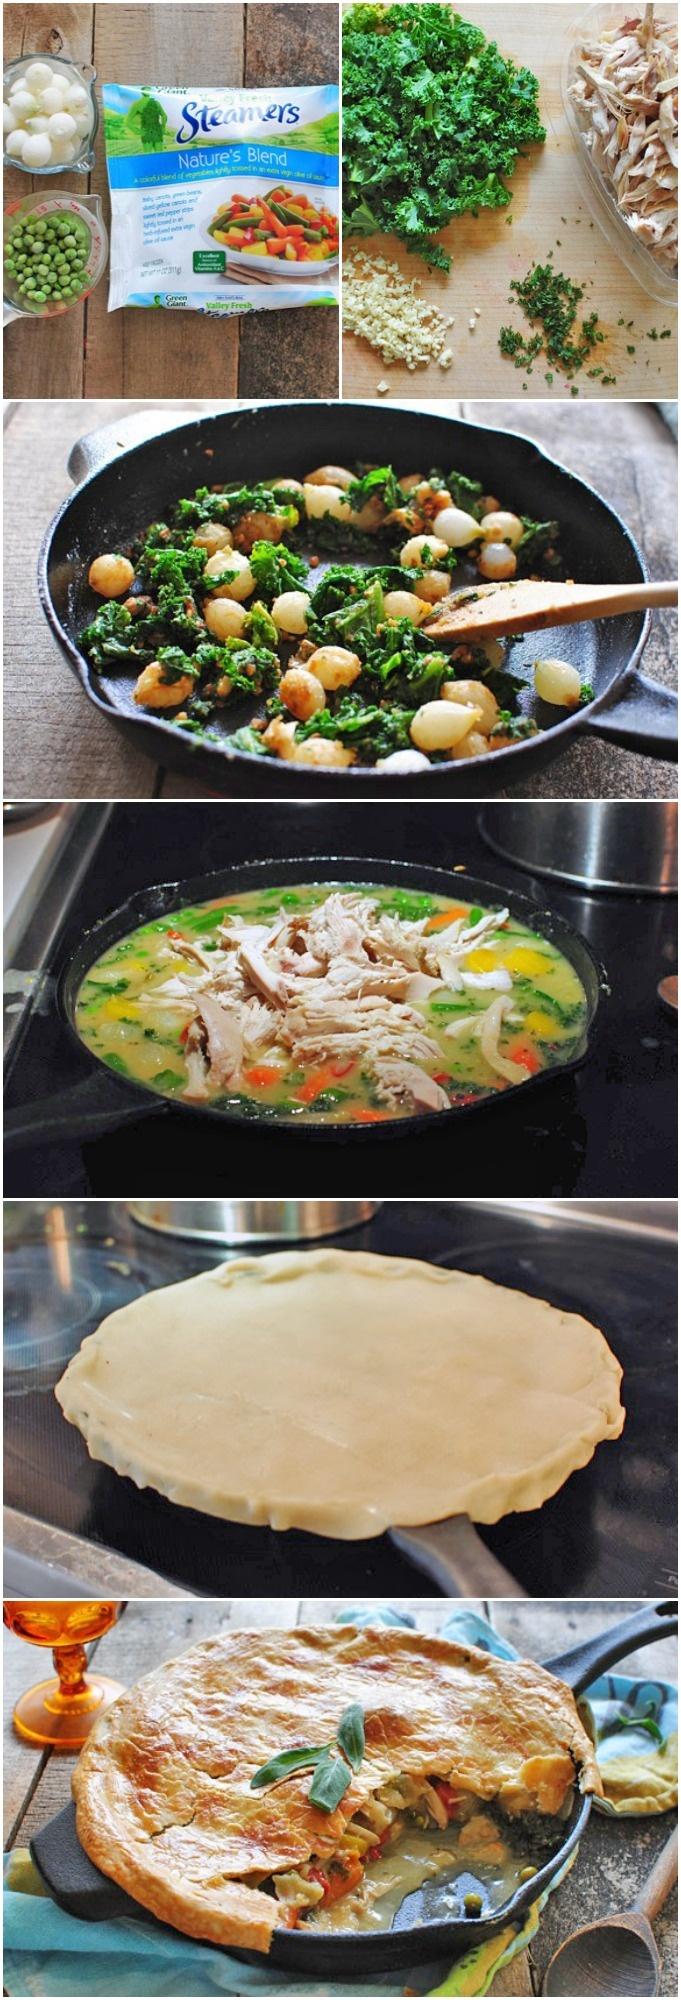 Cast-Iron Skillet Chicken Pot Pie - will skip the chicken or substitute